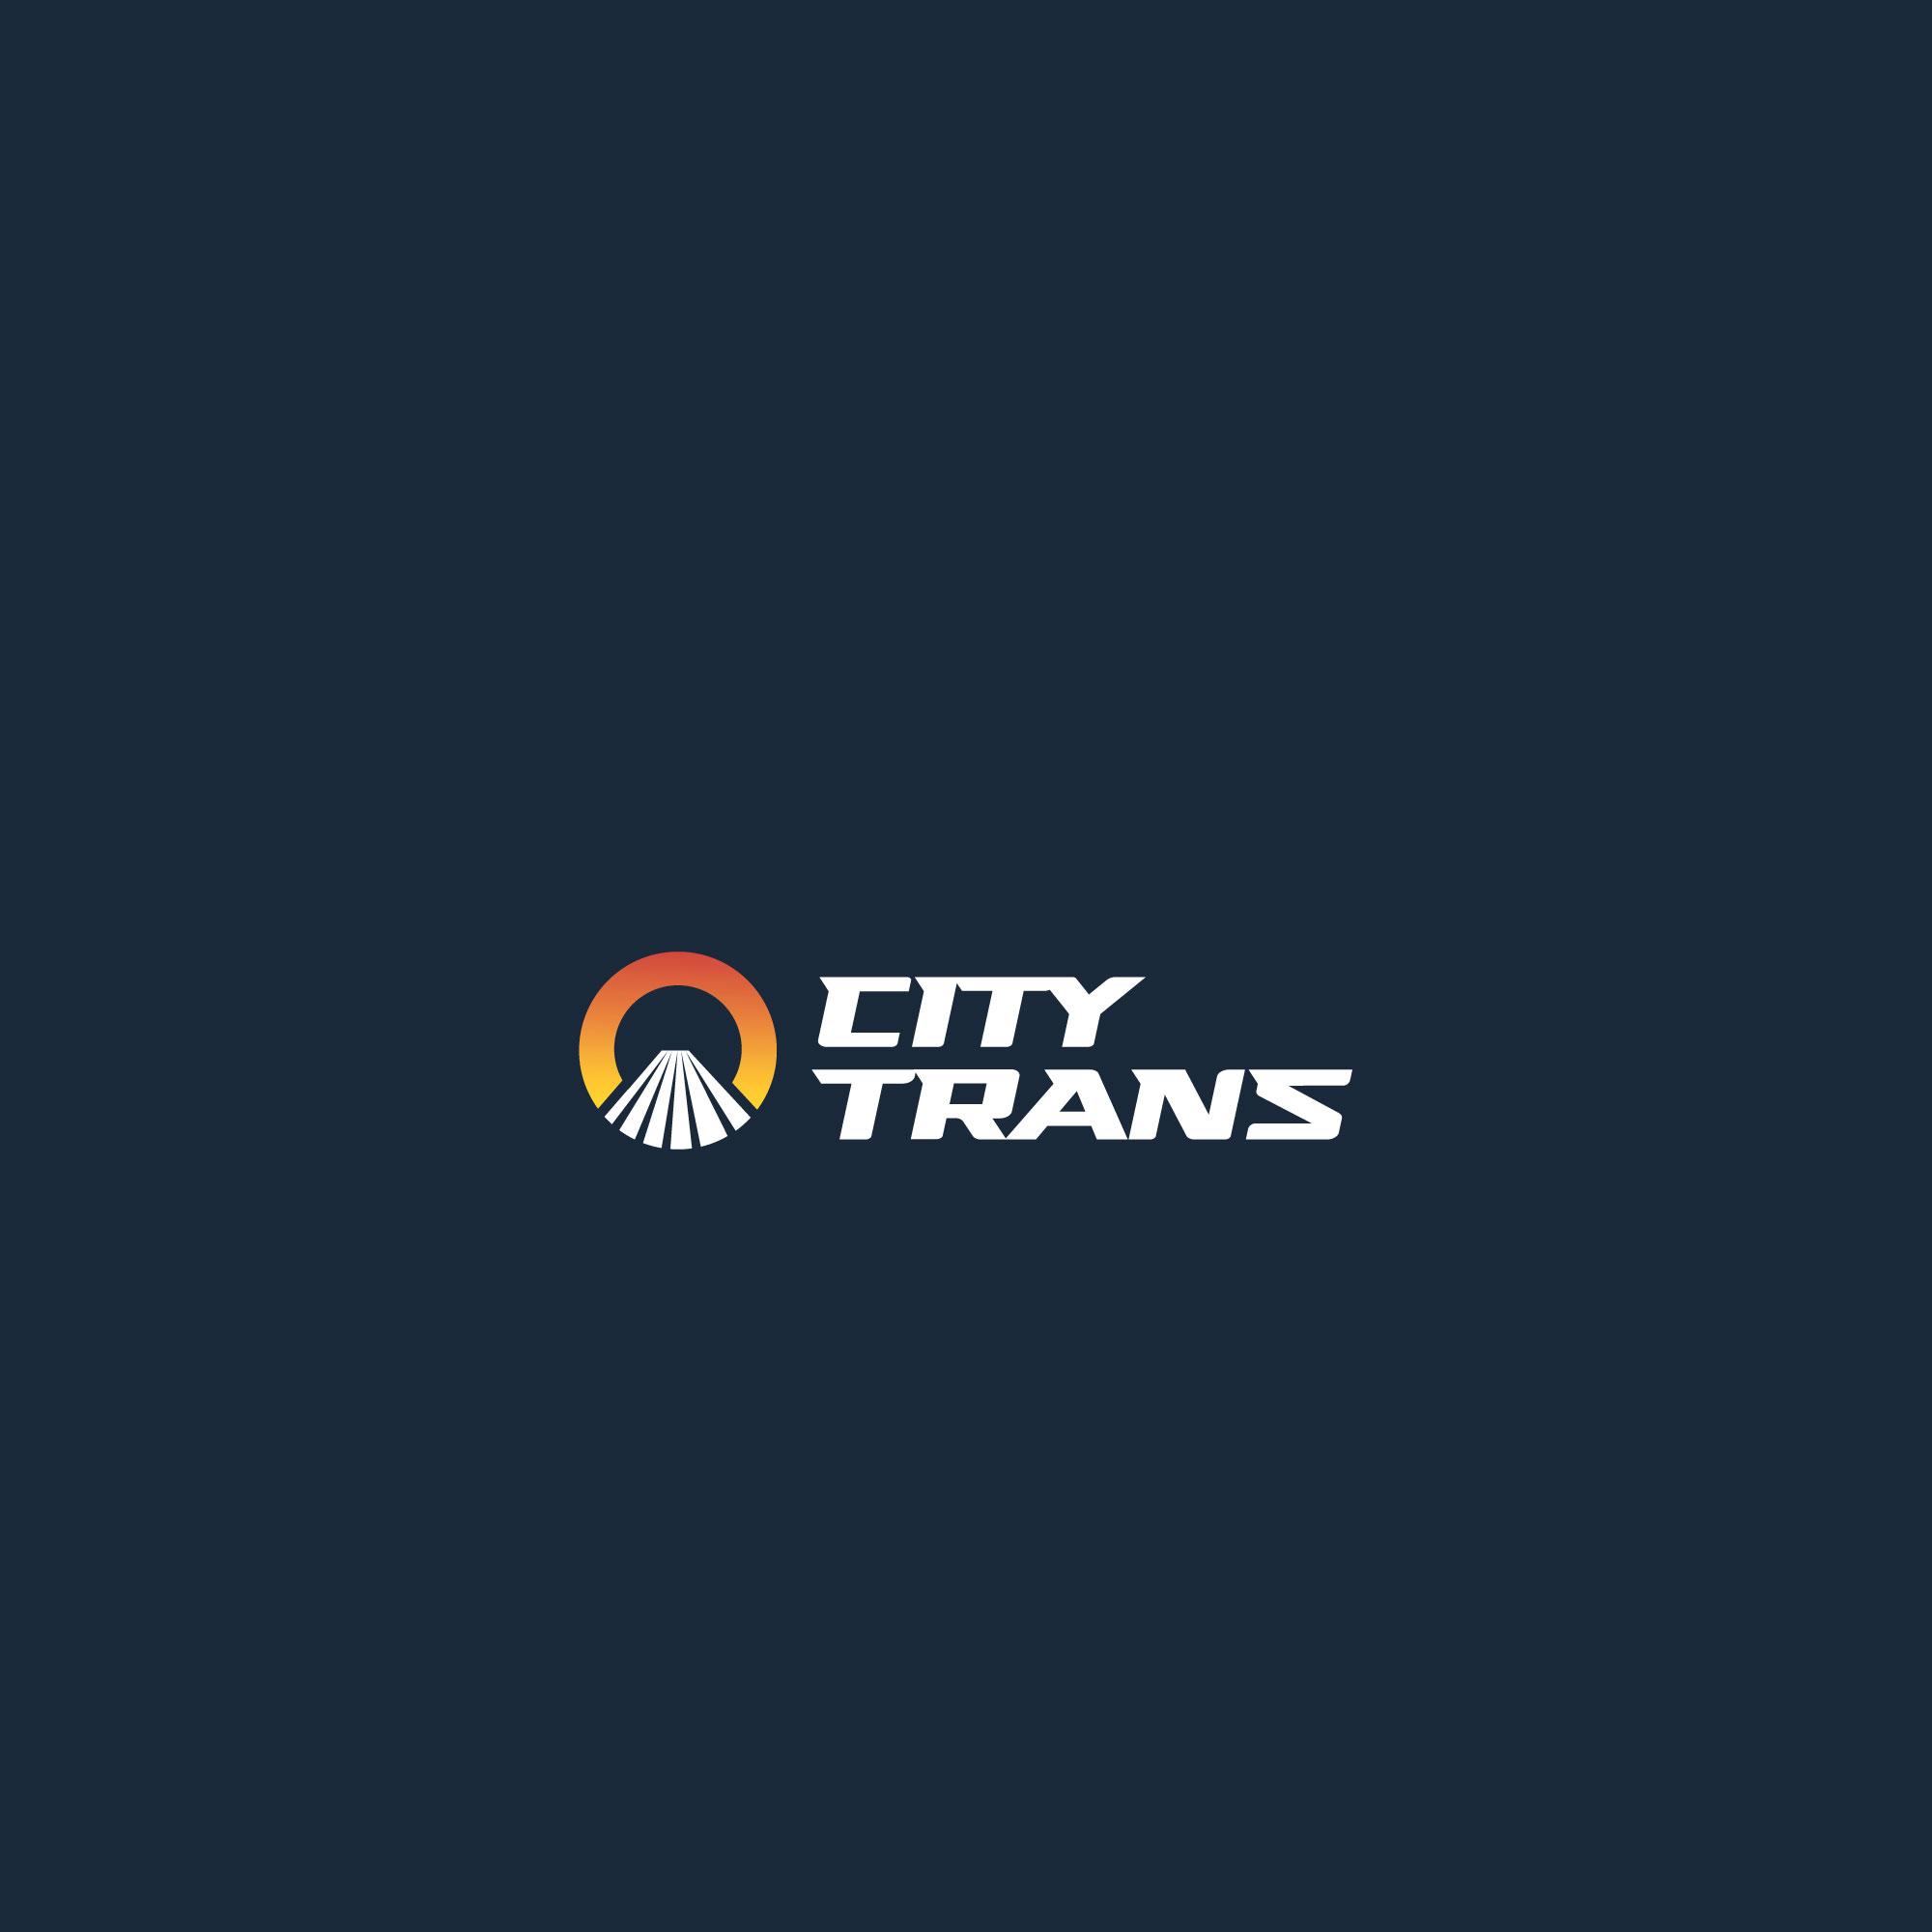 Разработка Логотипа транспортной компании фото f_4605e6f8a2dca5b3.jpg